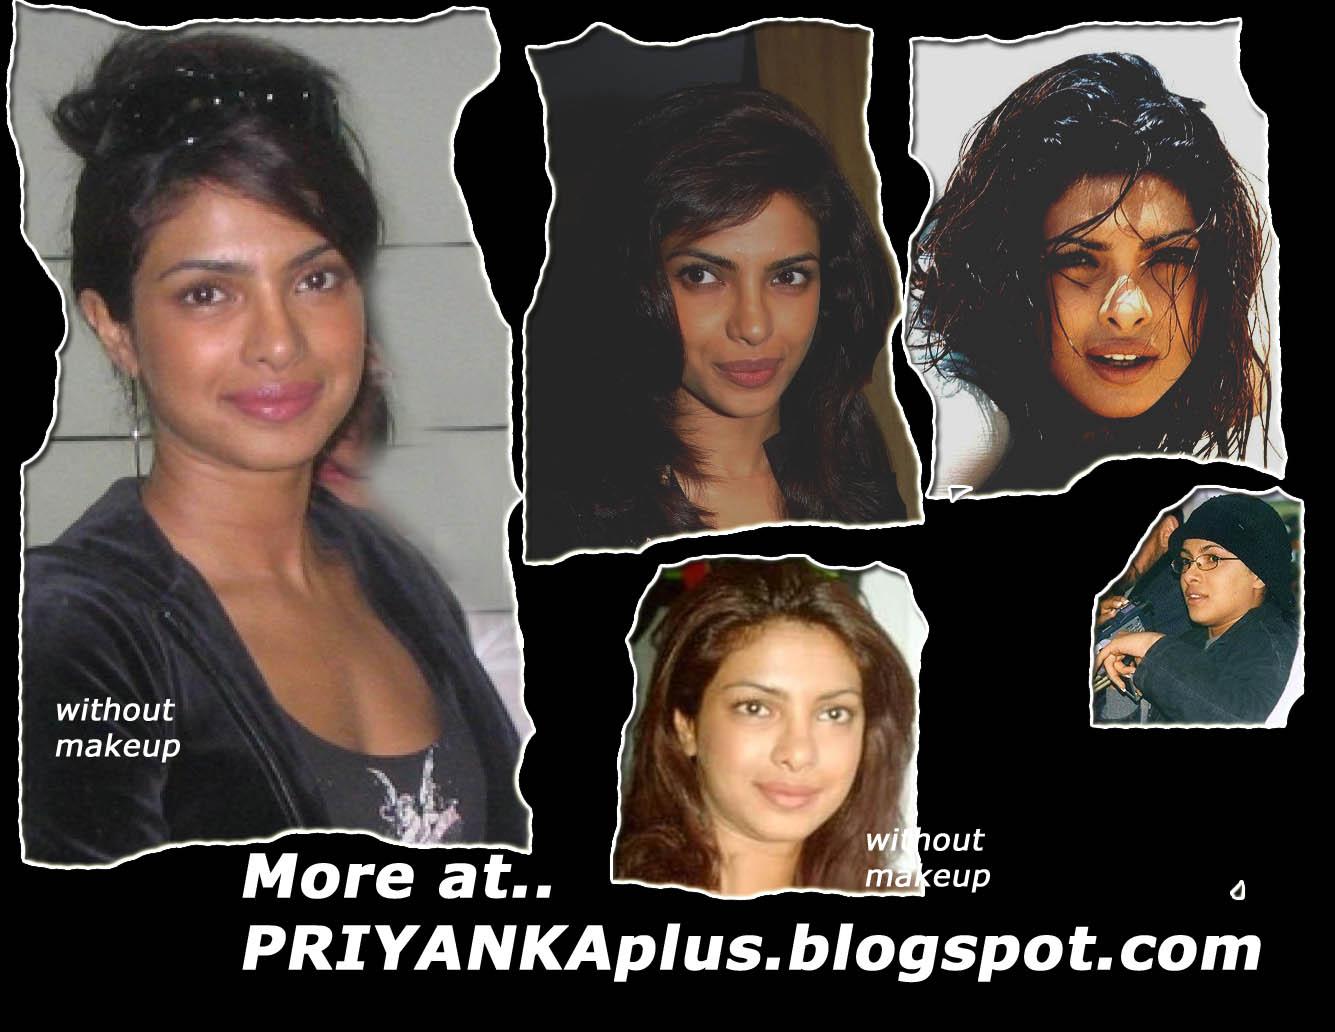 priyanka plus blogspot: priyanka without makeup